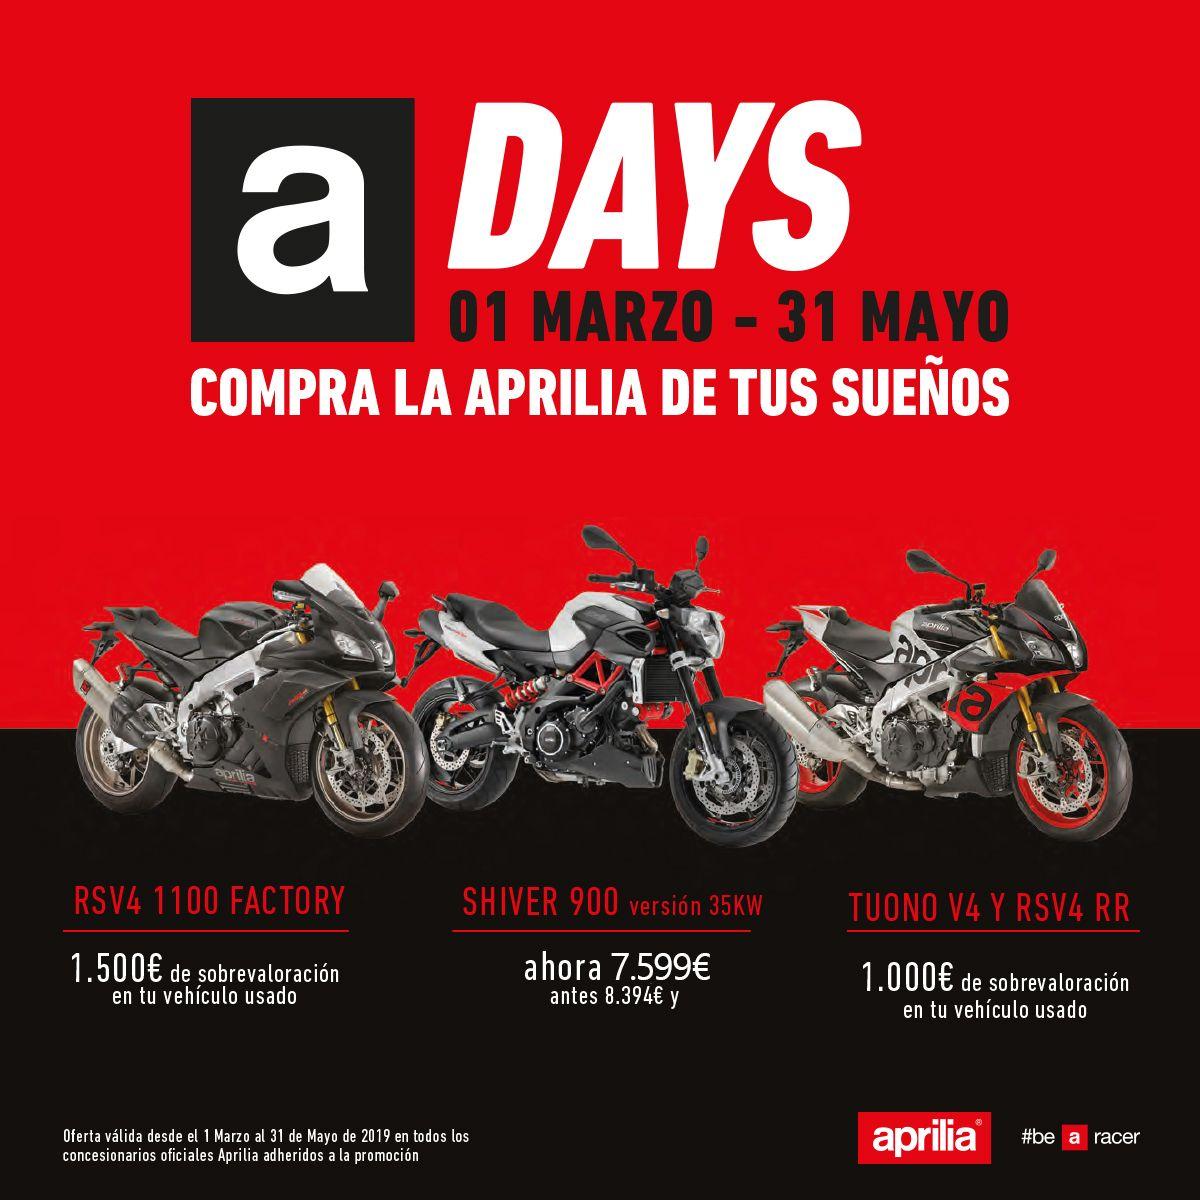 Llegan los A-Days de Aprilia